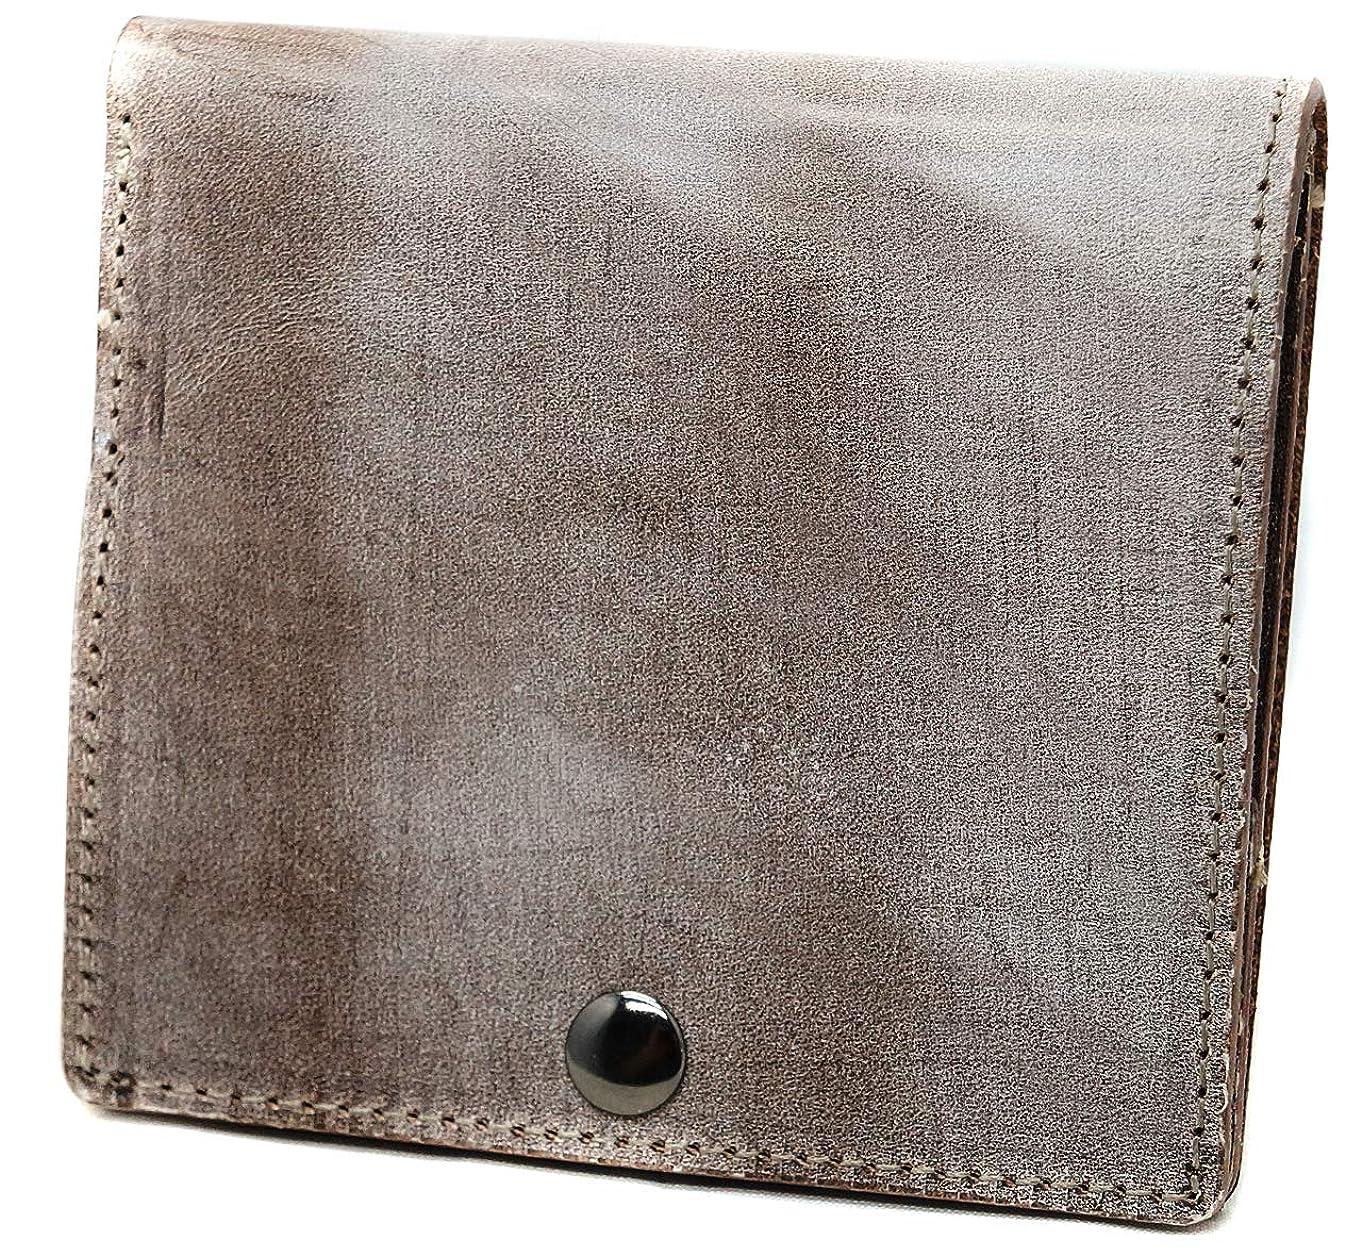 利用可能存在する挨拶極上イタリア製ブライドルレザー 二つ折り財布 本革 薄型 コンパクト ダークブラウン ME0277_c5